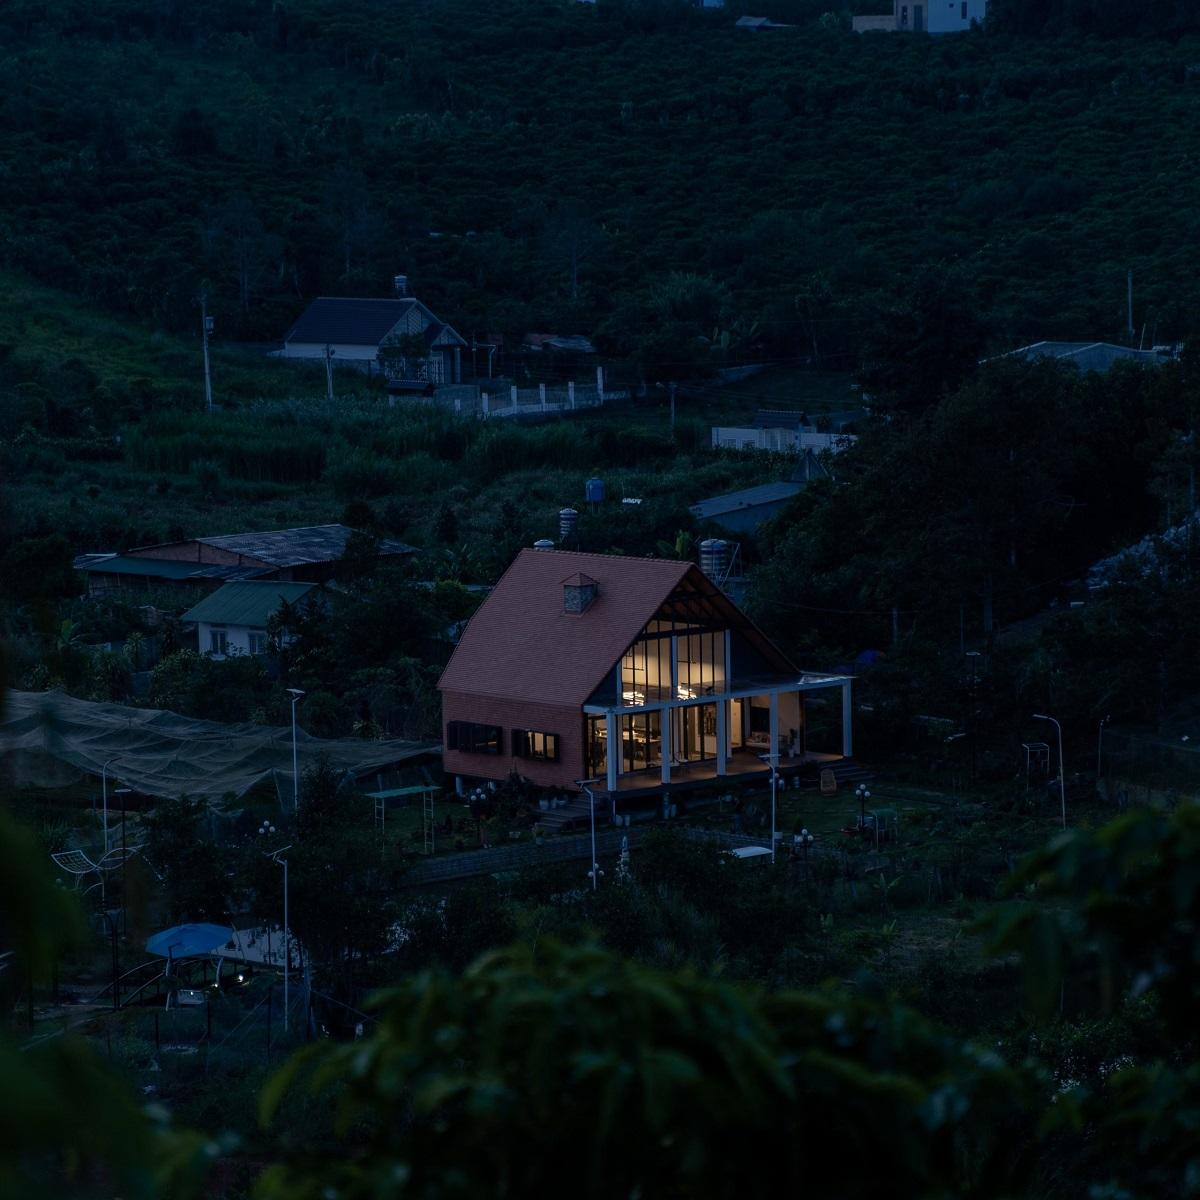 kienviet xuan anh house tan huong khong gian yen binh garchitects 19 - Nhà Xuân Anh - Tìm về chốn yên bình